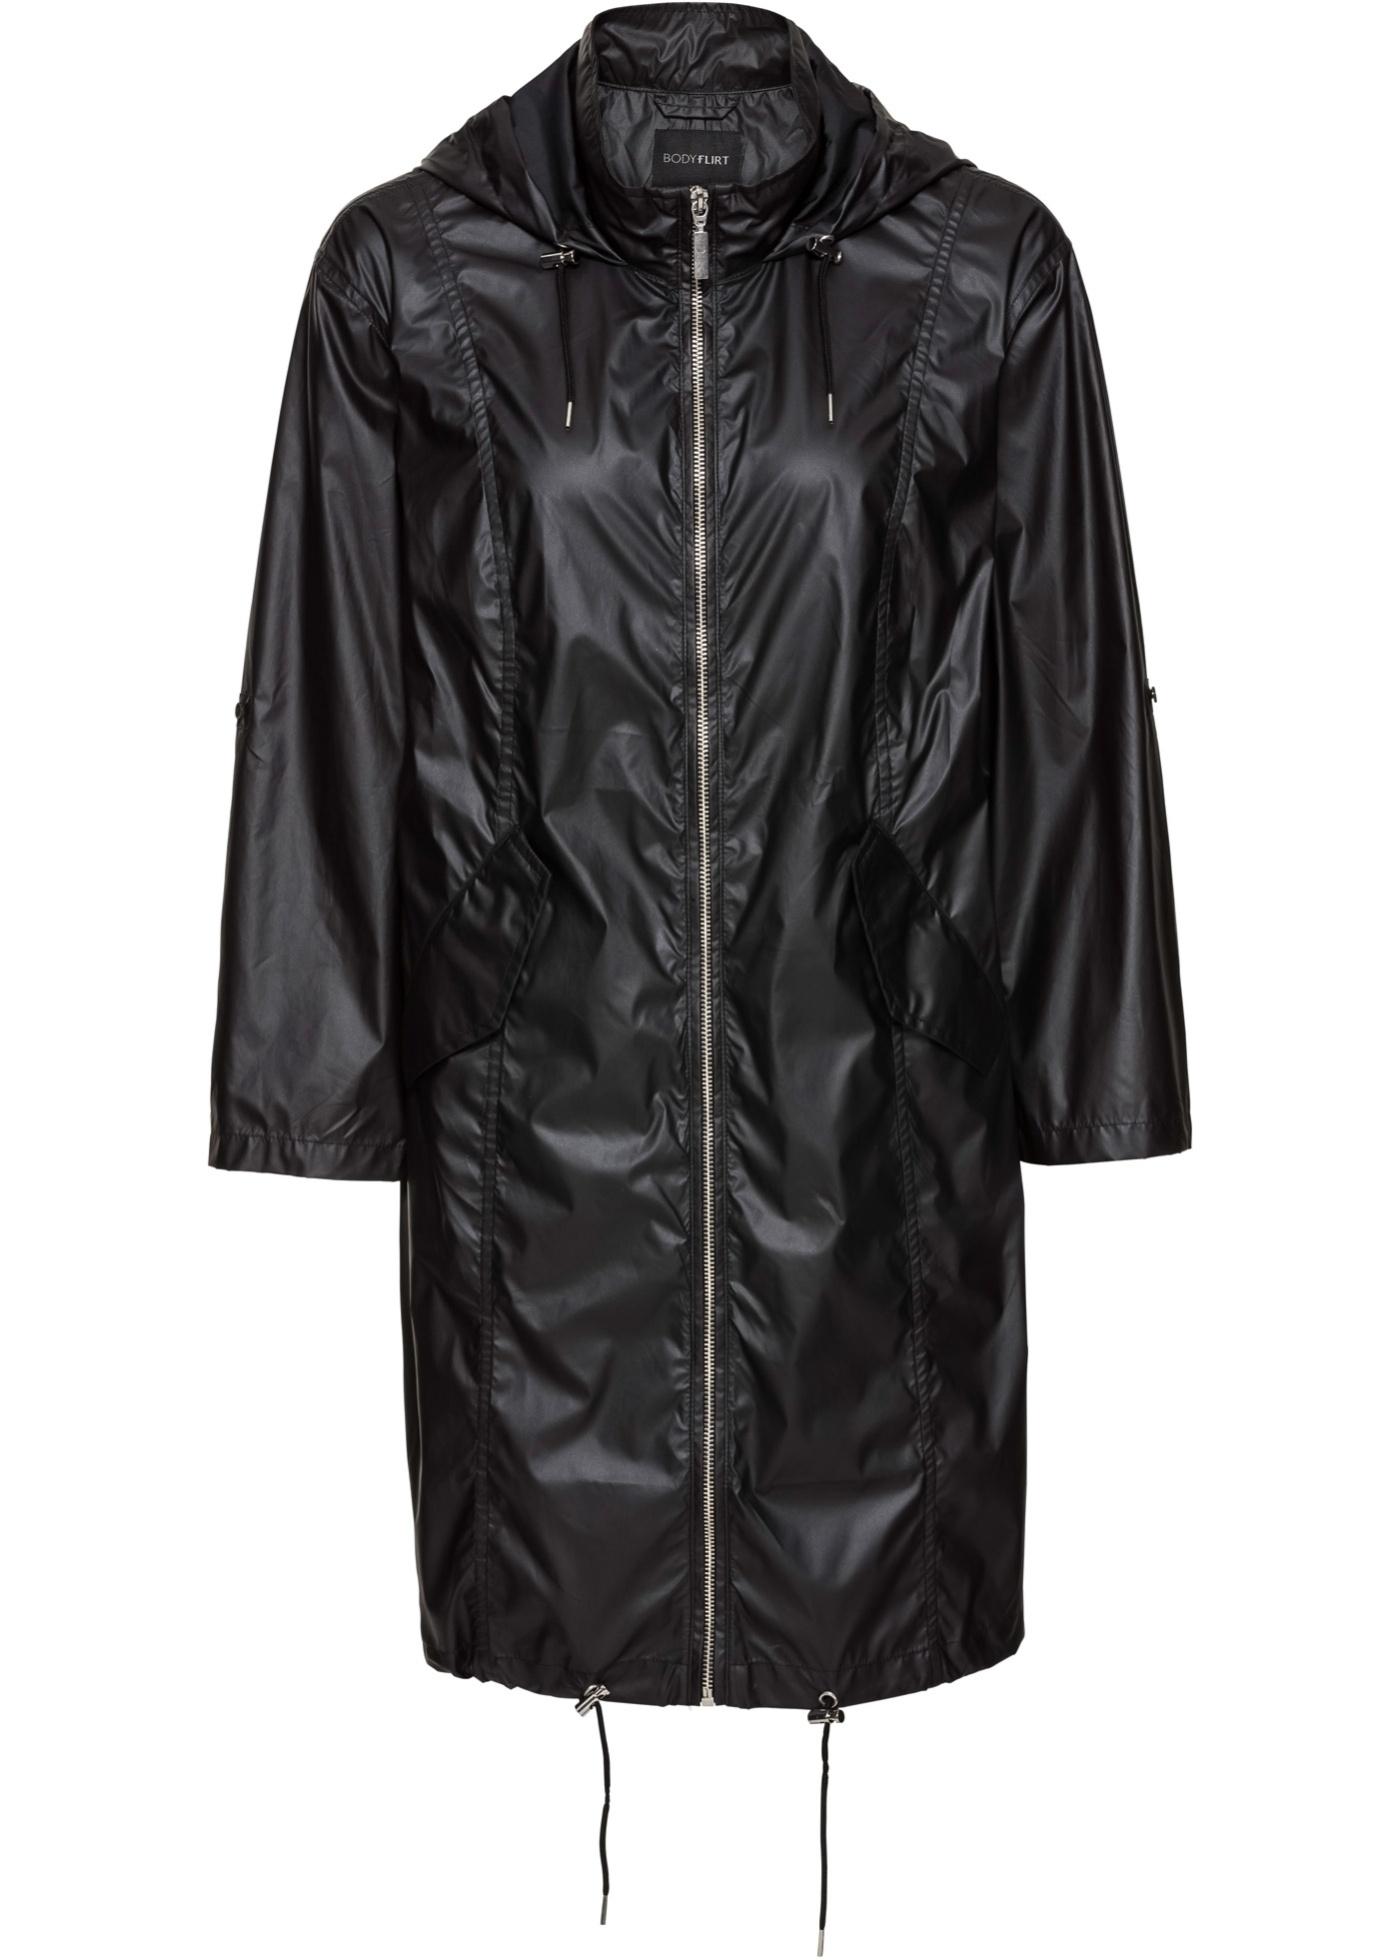 Lesklá bunda bez podšívky - Černá